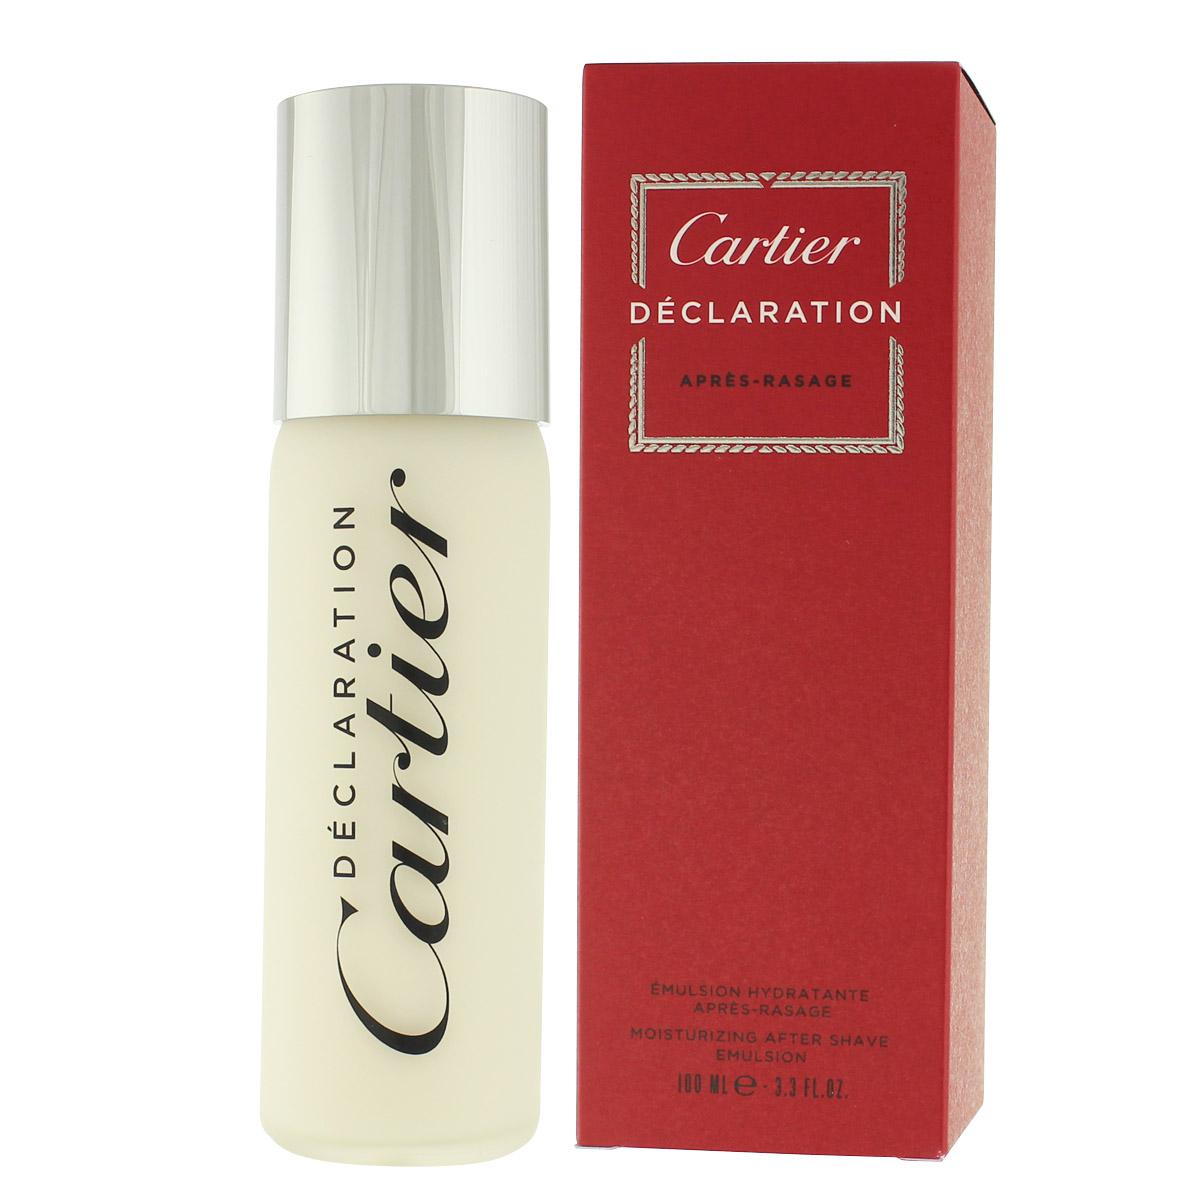 Cartier Déclaration ASB 100 ml M